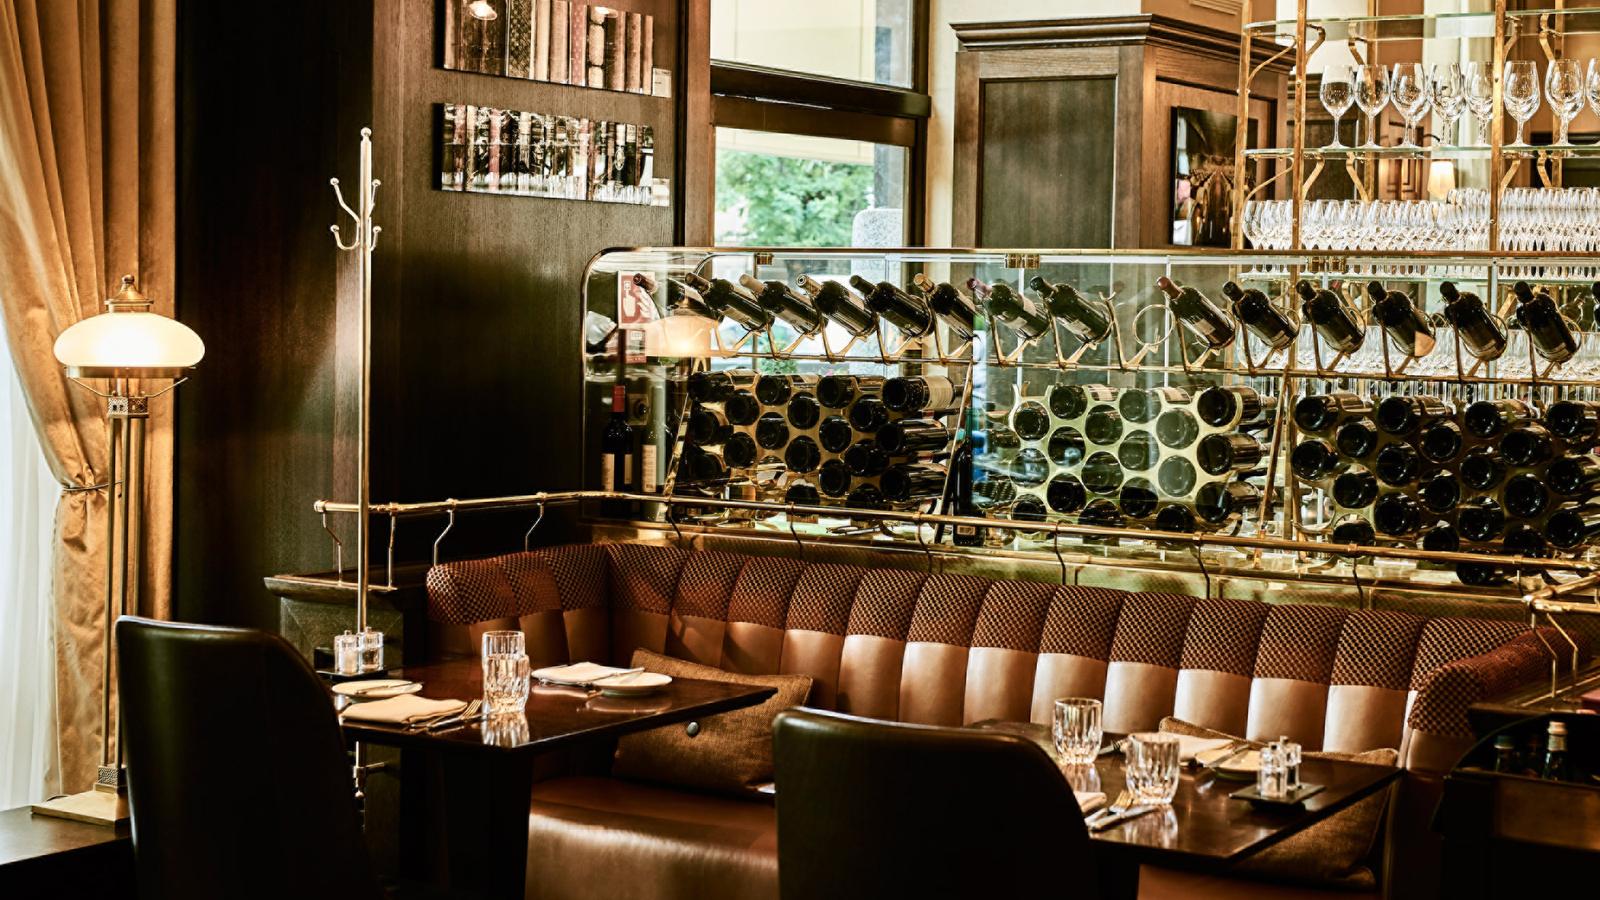 Edg design wins best hotel restaurant for kollÁzs